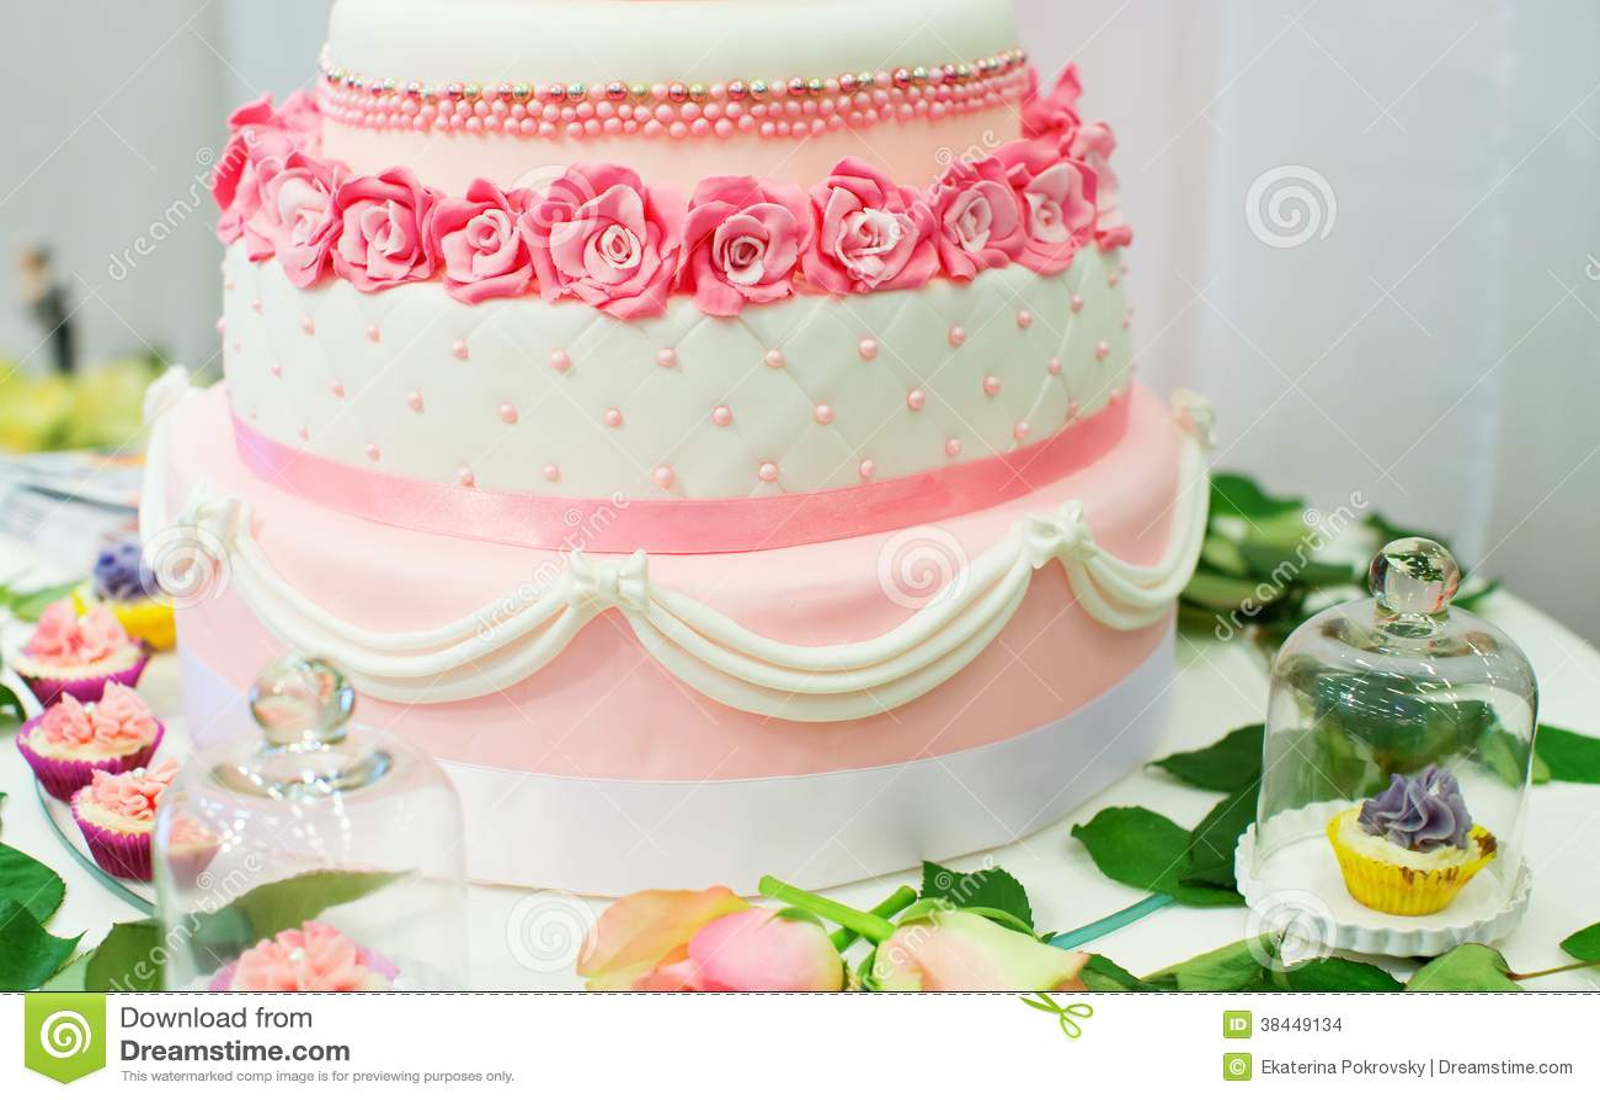 Hochzeitstorte Verziert Mit Rosen Archivbilder Abgabe Des Download